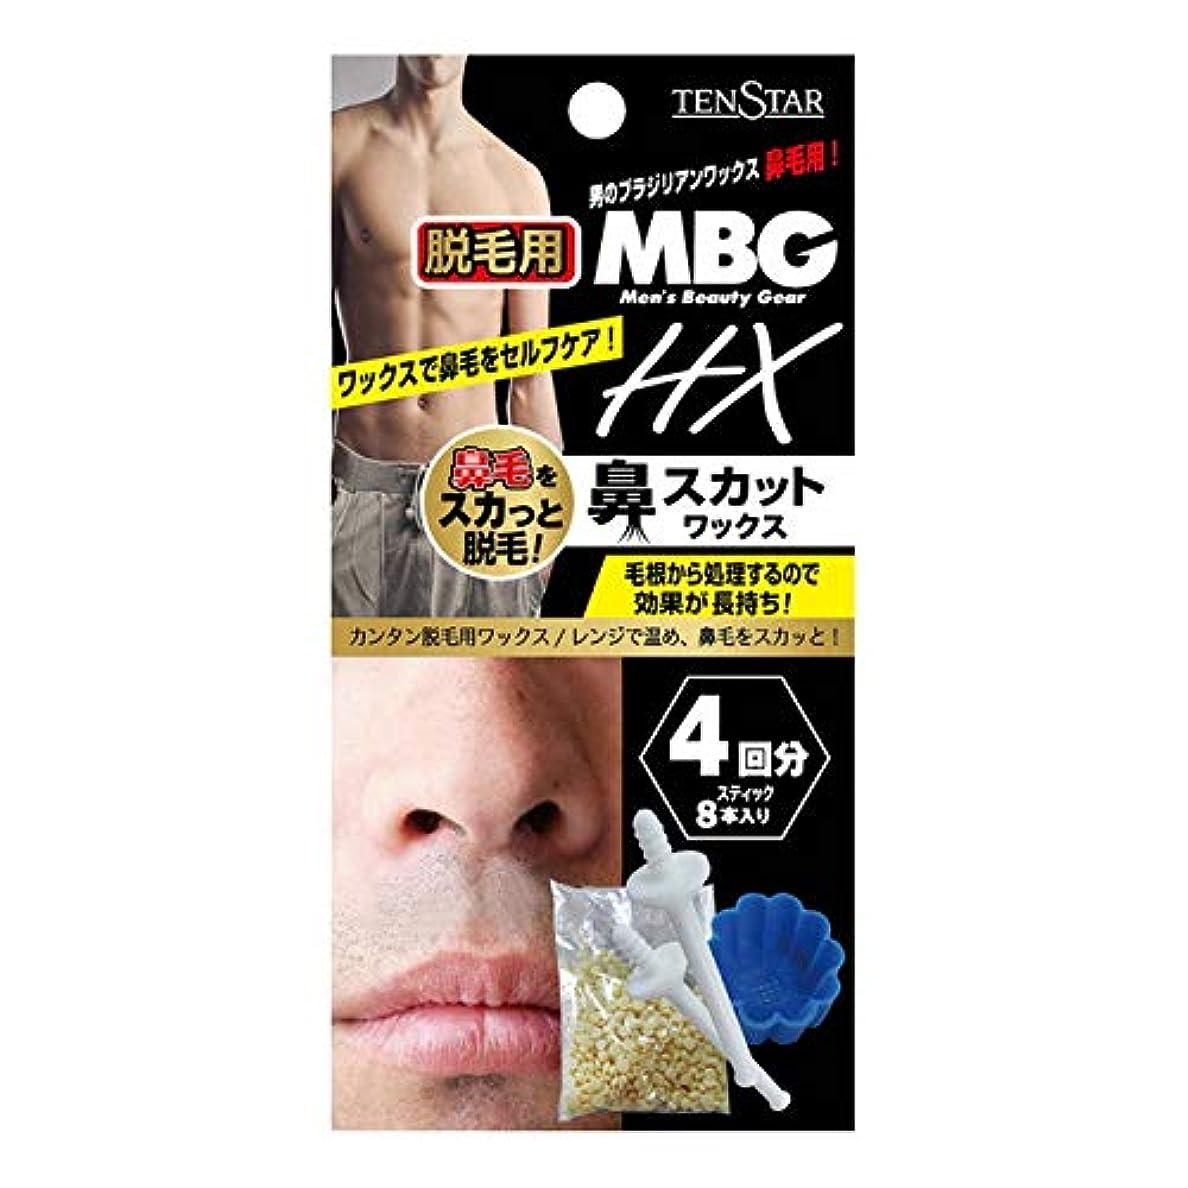 ウェイトレス近く報酬のMBG2-29 MBG HX鼻スカットワックス 20g